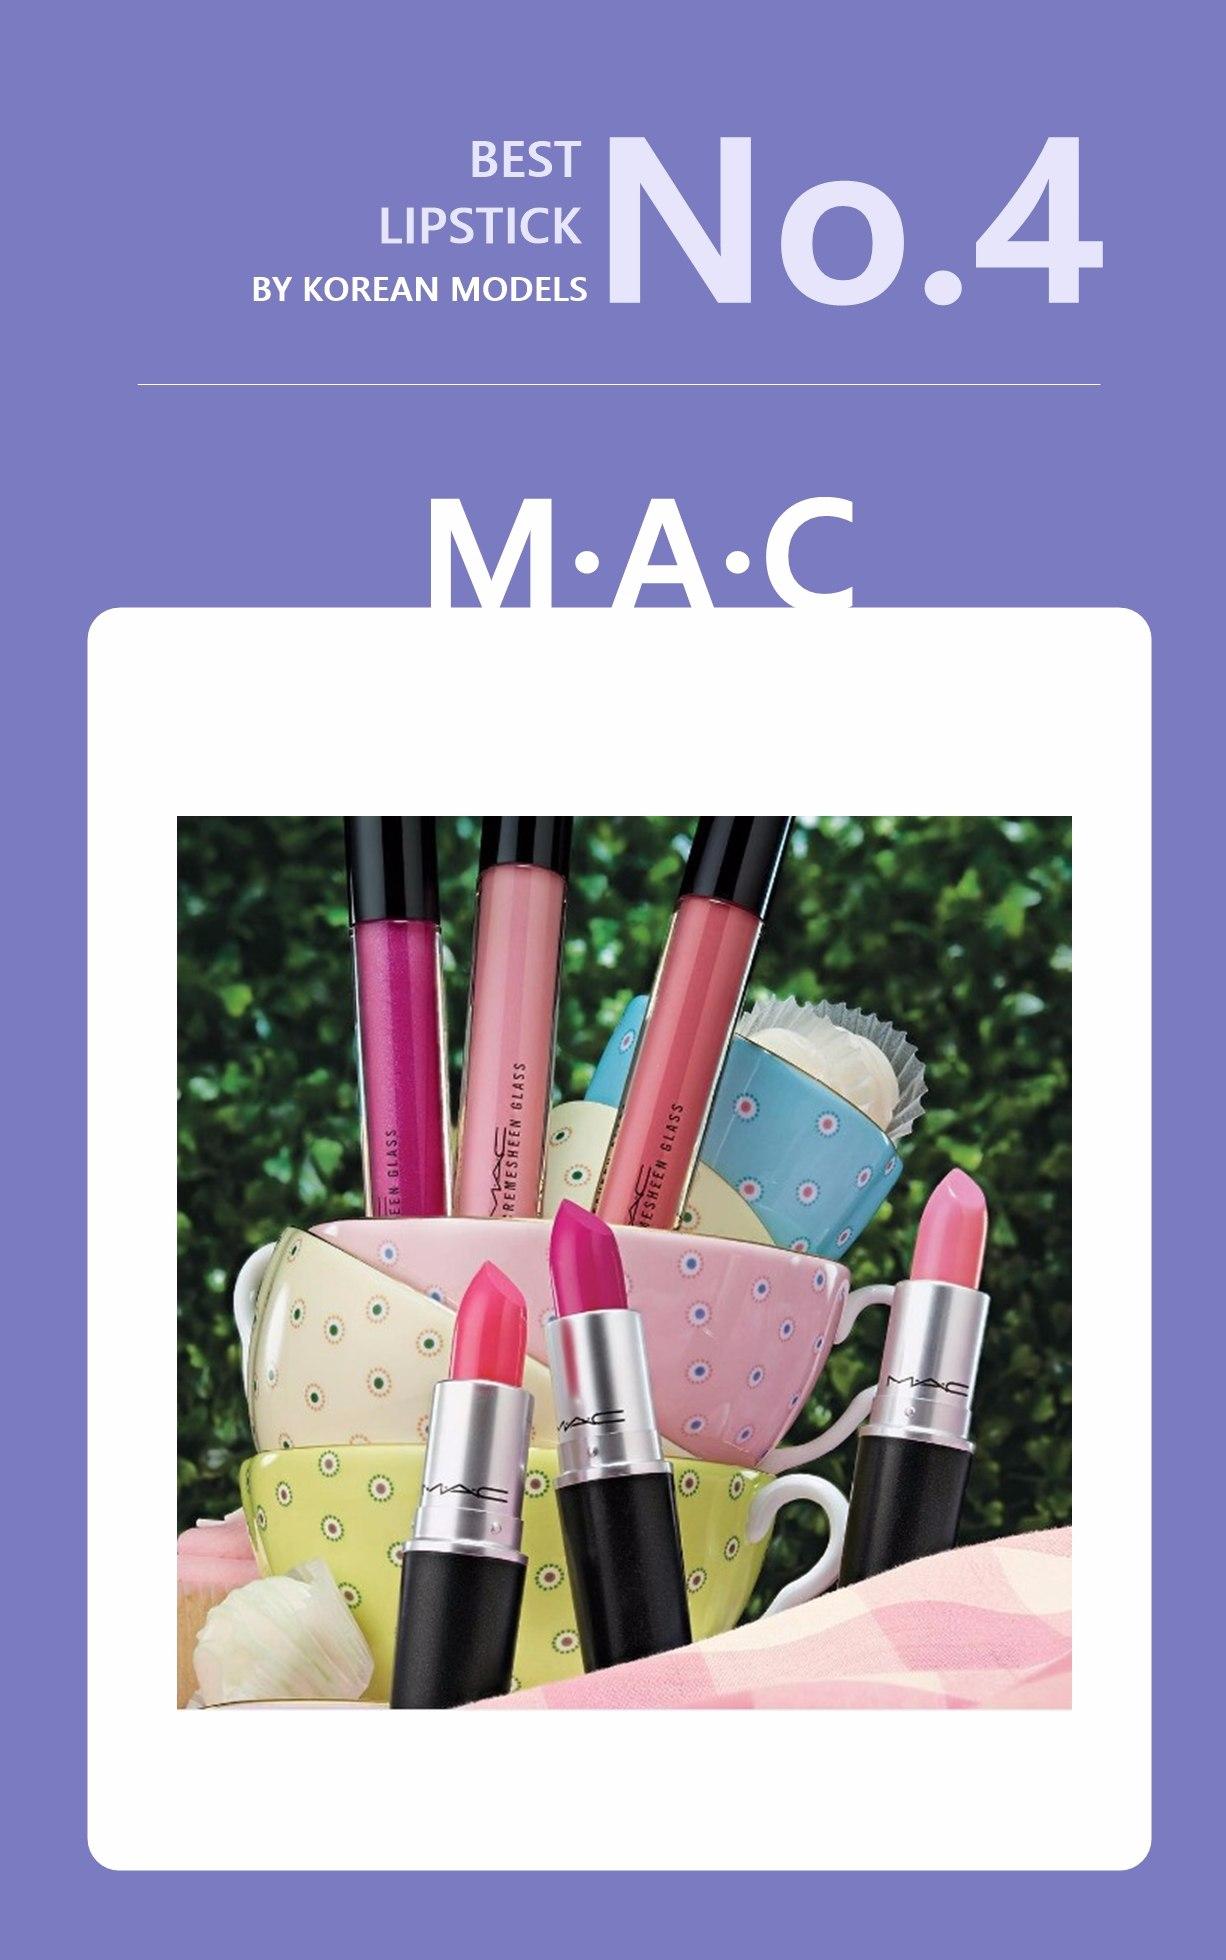 M‧A‧C的唇膏一直以來都以顏色齊全、時尚度為名,不只模特兒,連韓國女星都非常喜歡M‧A‧C的經典口紅!